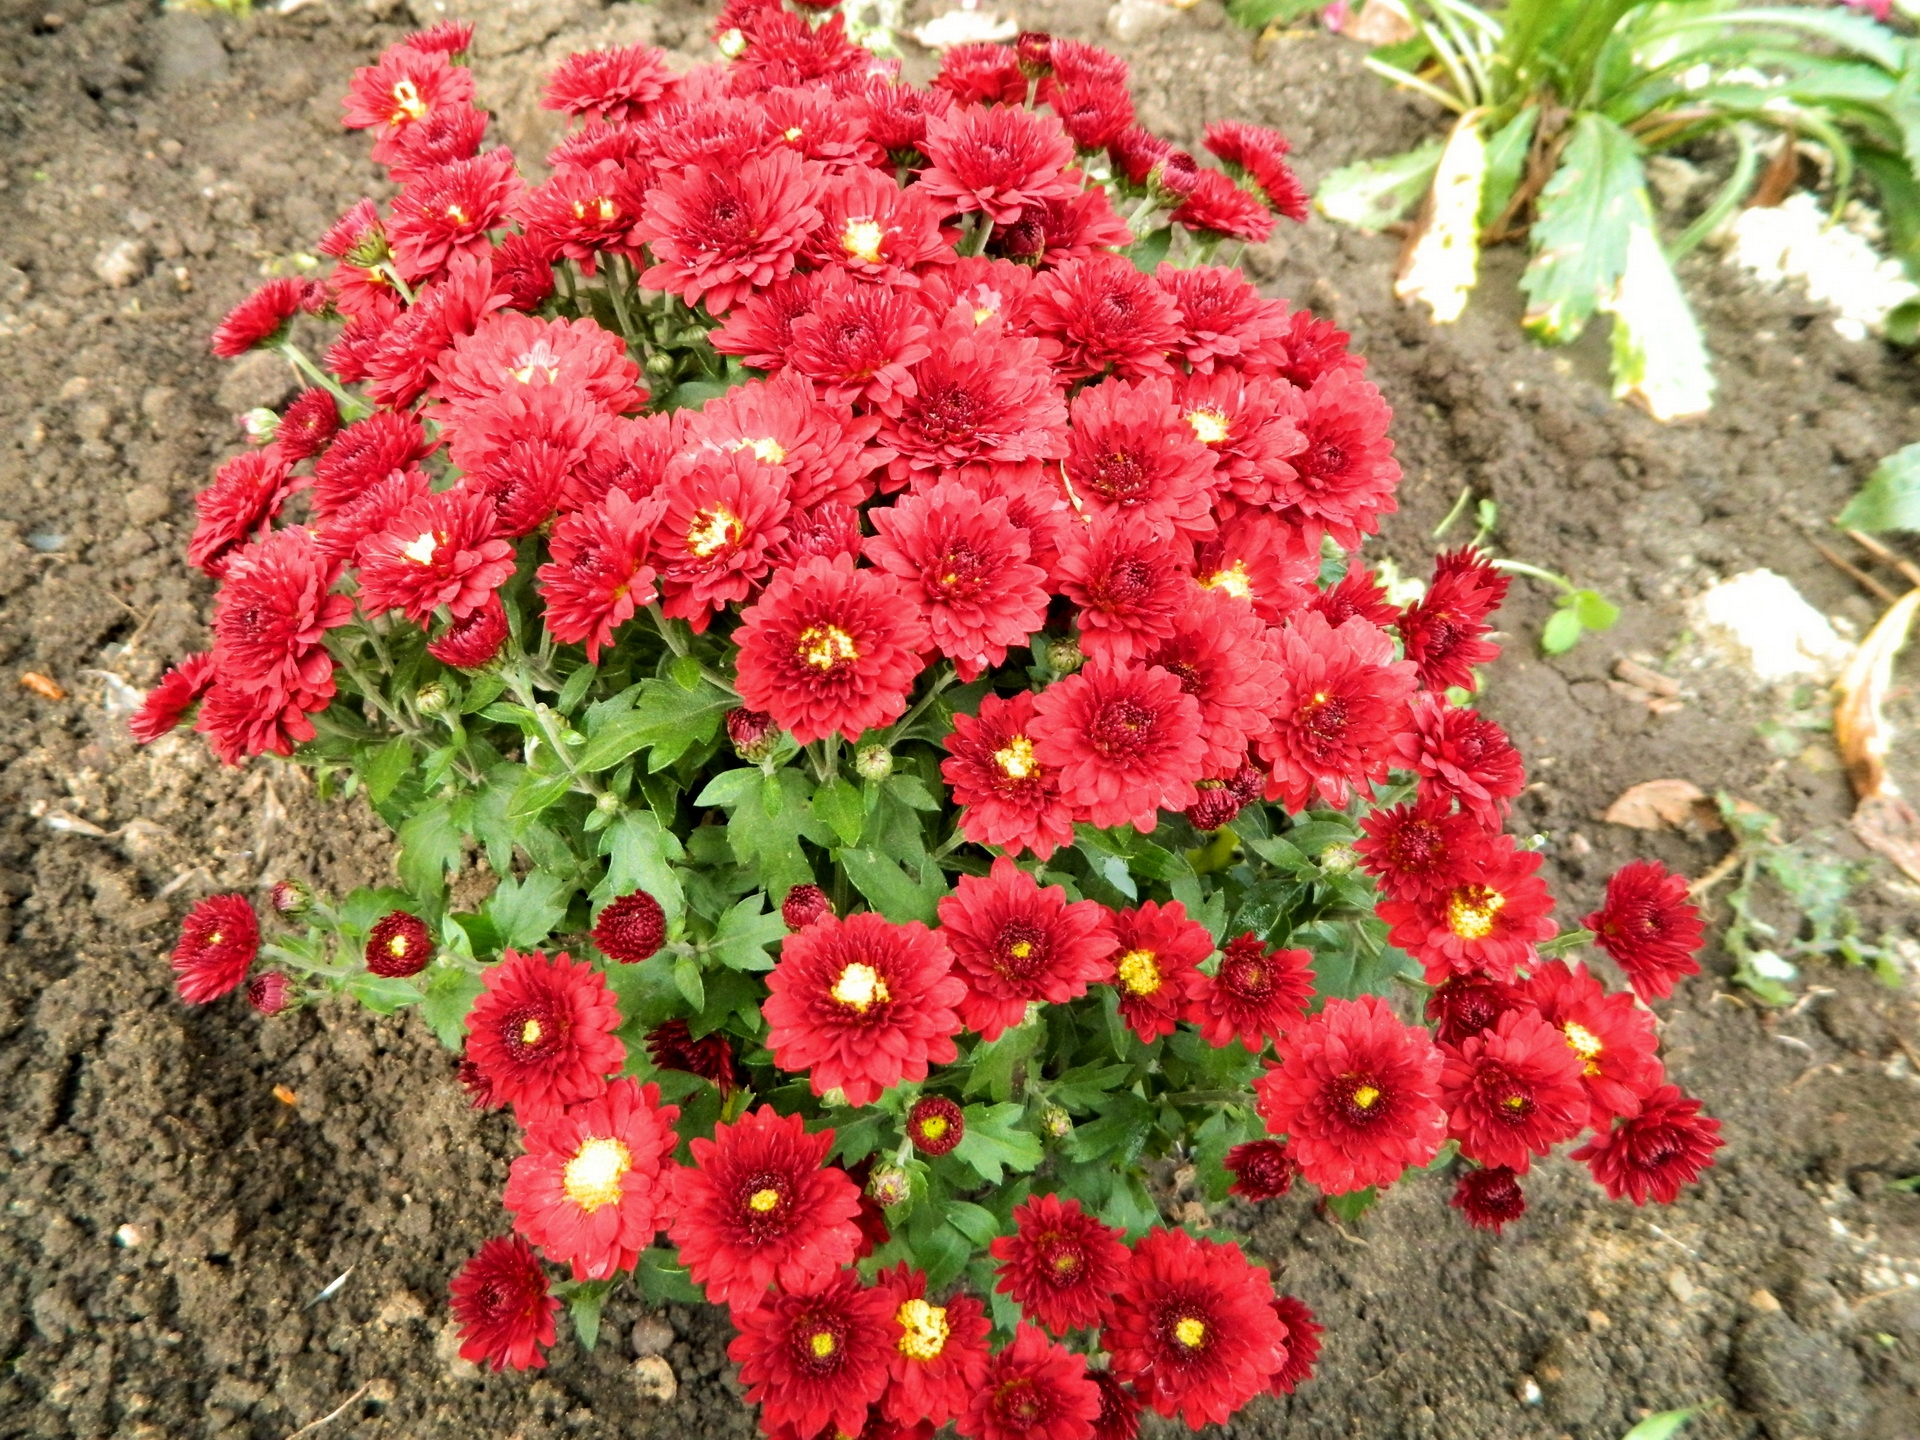 147992 скачать обои Цветы, Хризантемы, Земля, Сад - заставки и картинки бесплатно